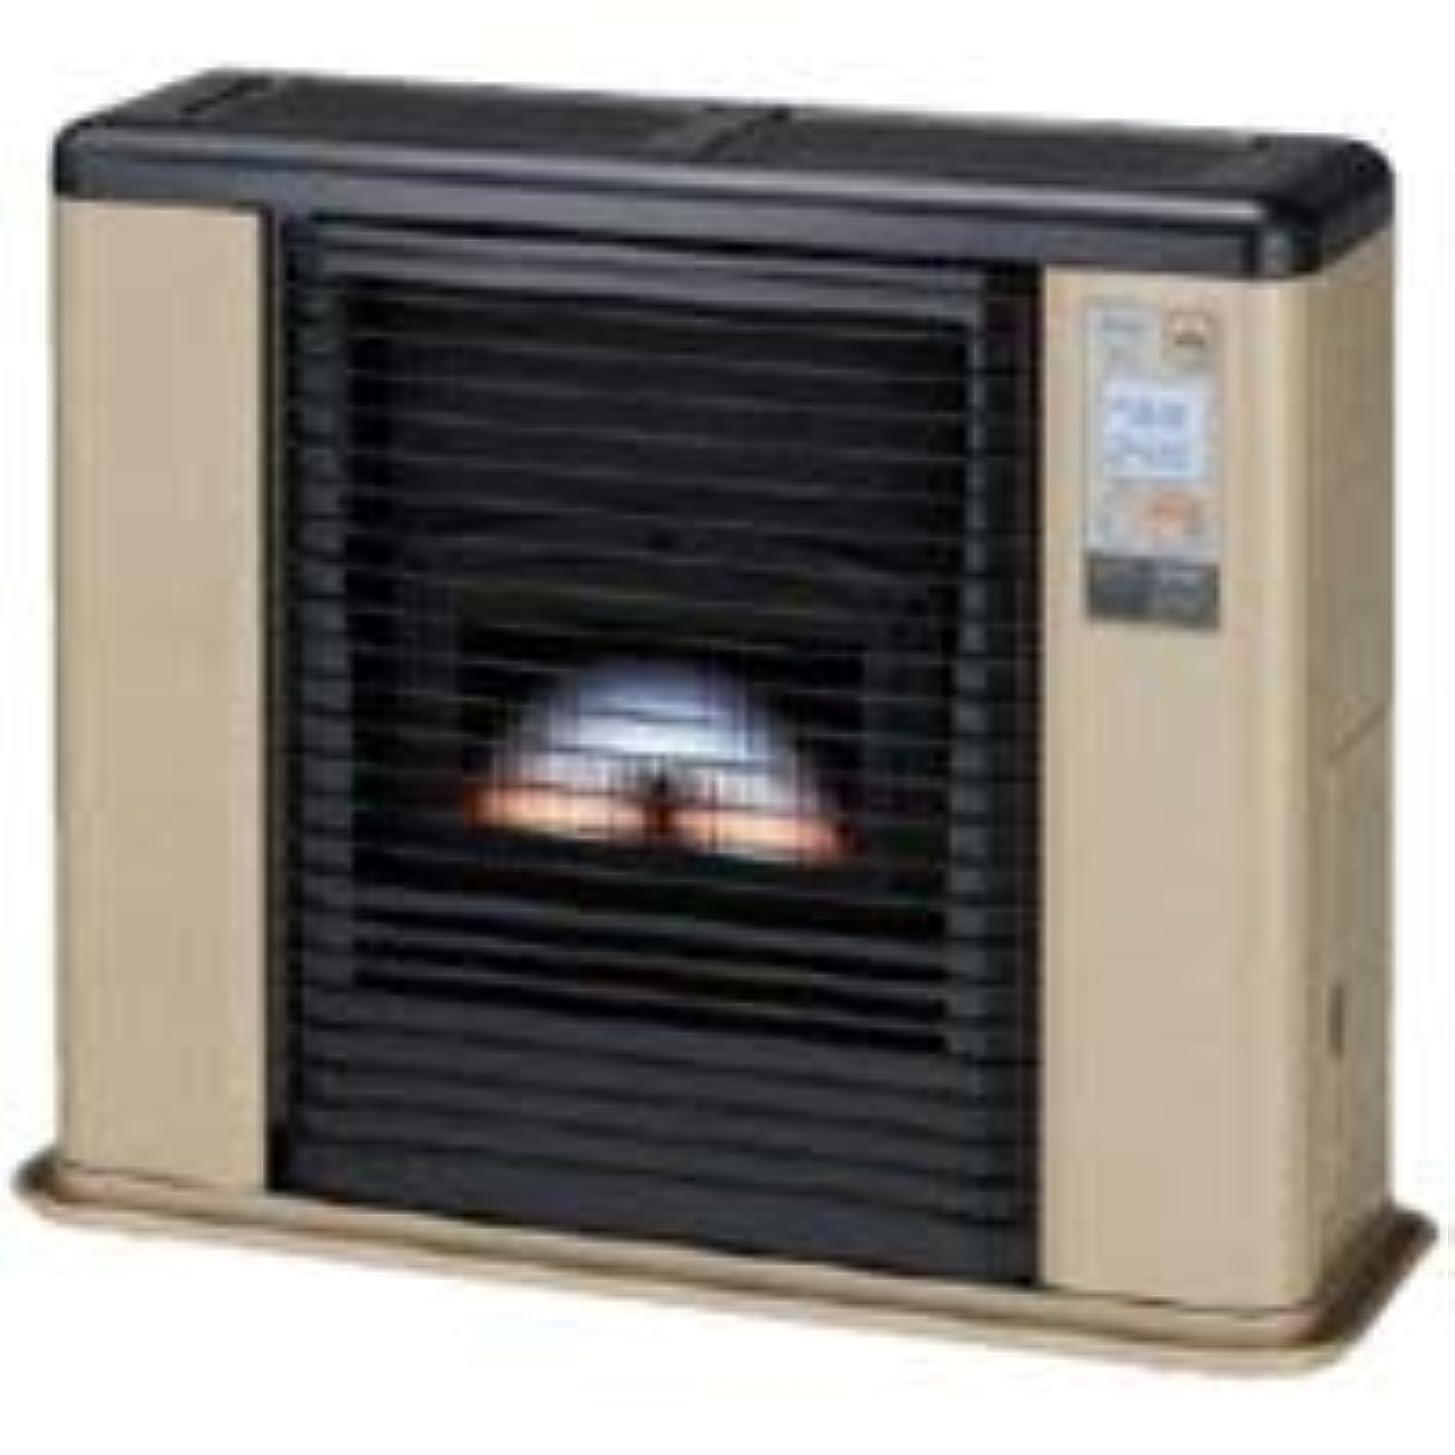 代表する新しさ混雑サンポット FFR-703RX FF式石油暖房機 ゼータス イング FFR-703RX